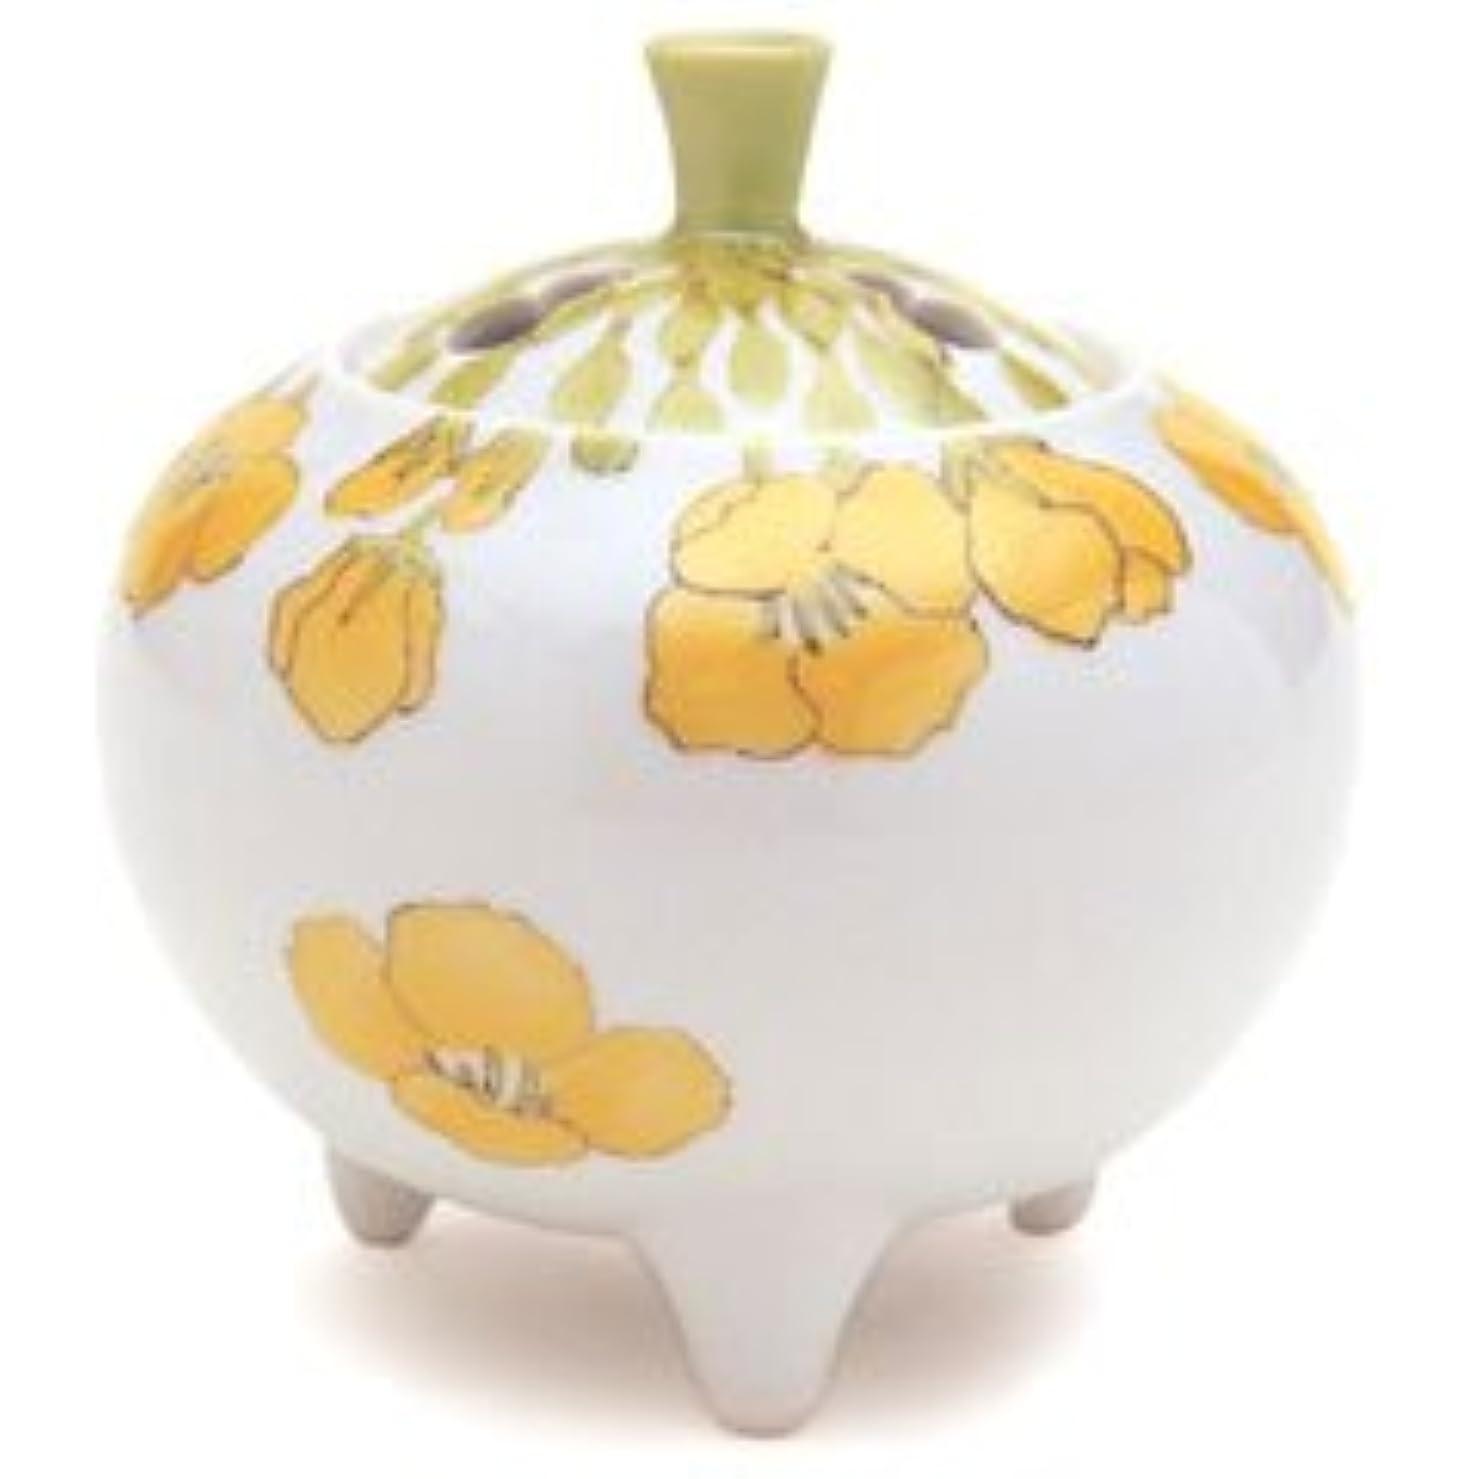 より良いコンサルタントファウル香炉 流麗 菜の花 (九谷焼)